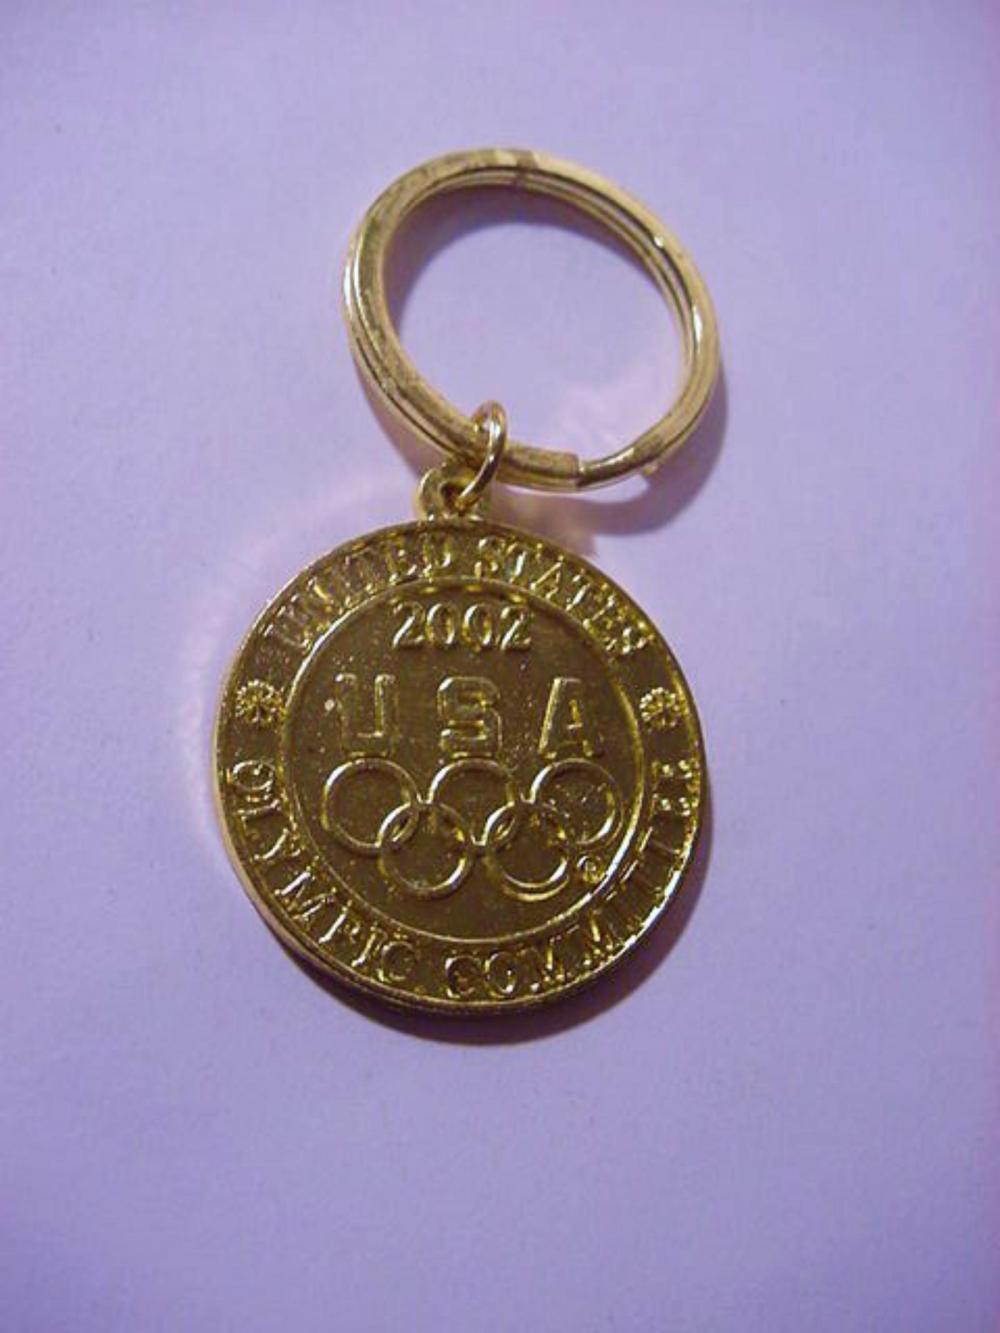 2002 U S A OLIMPICS COMMITTEE KEYRING